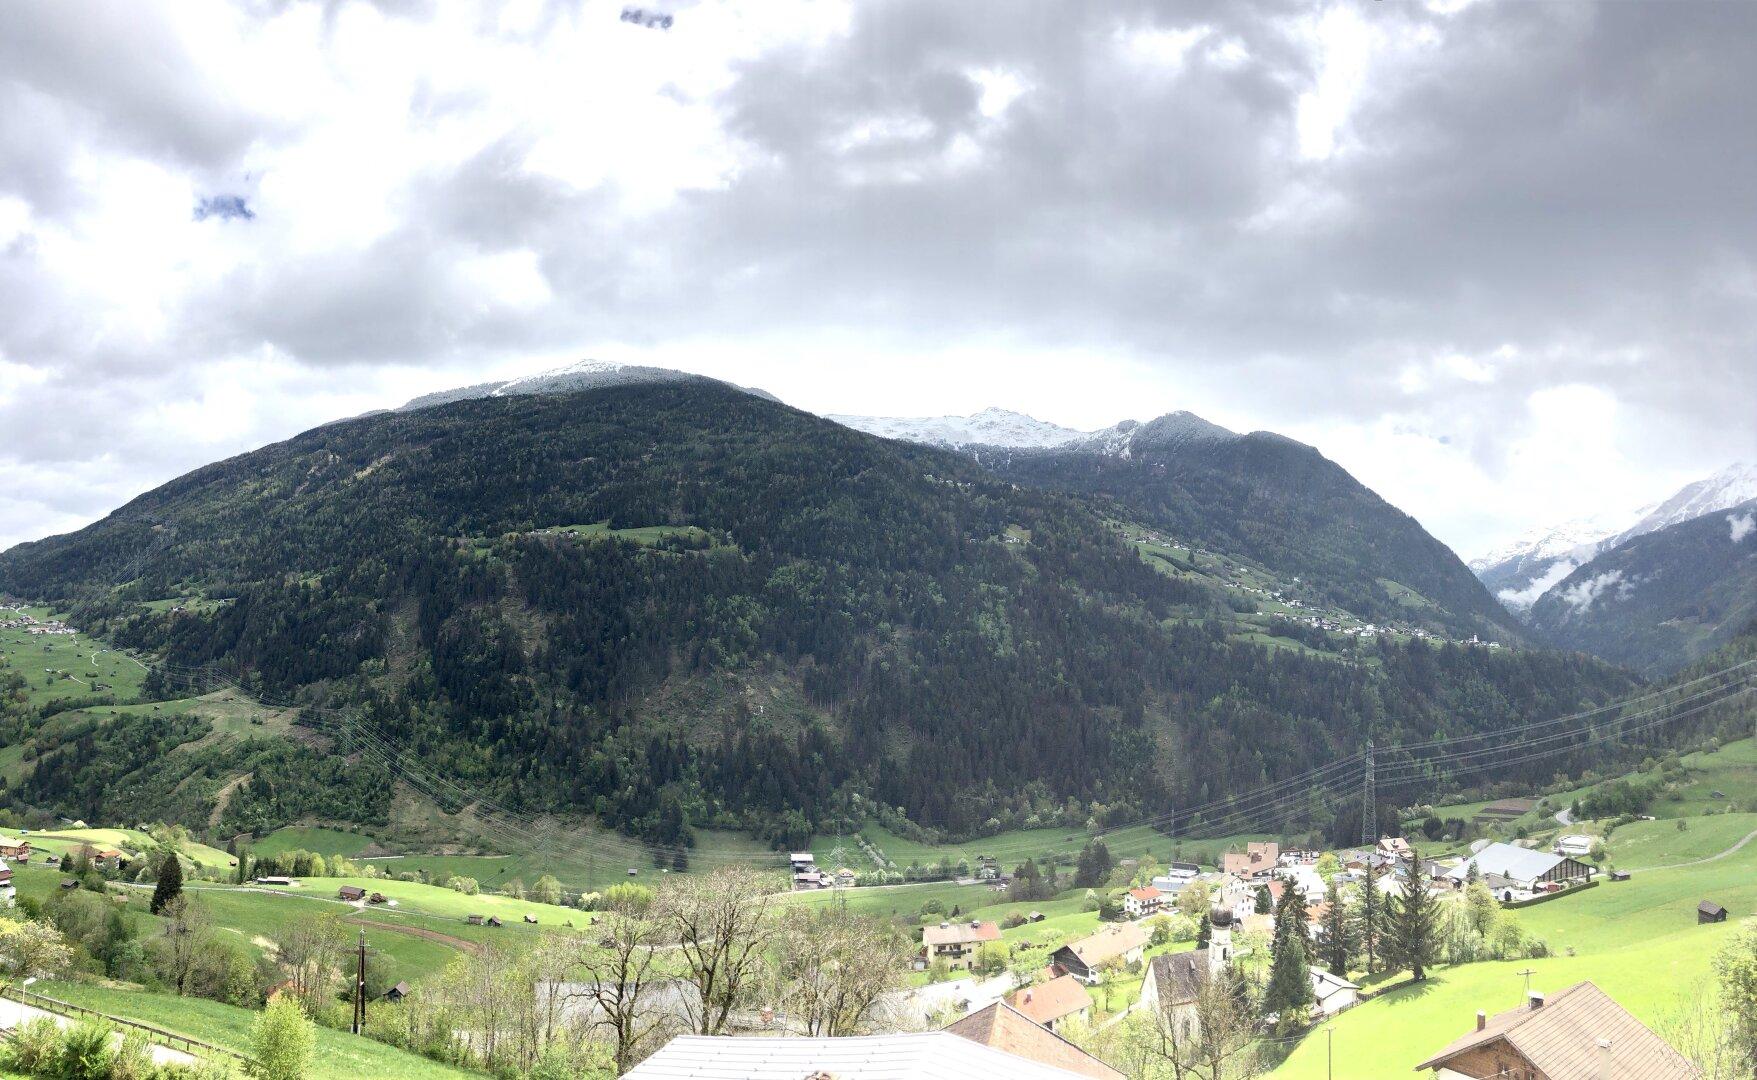 Toller Ausblick auf die Pitztaler Berge